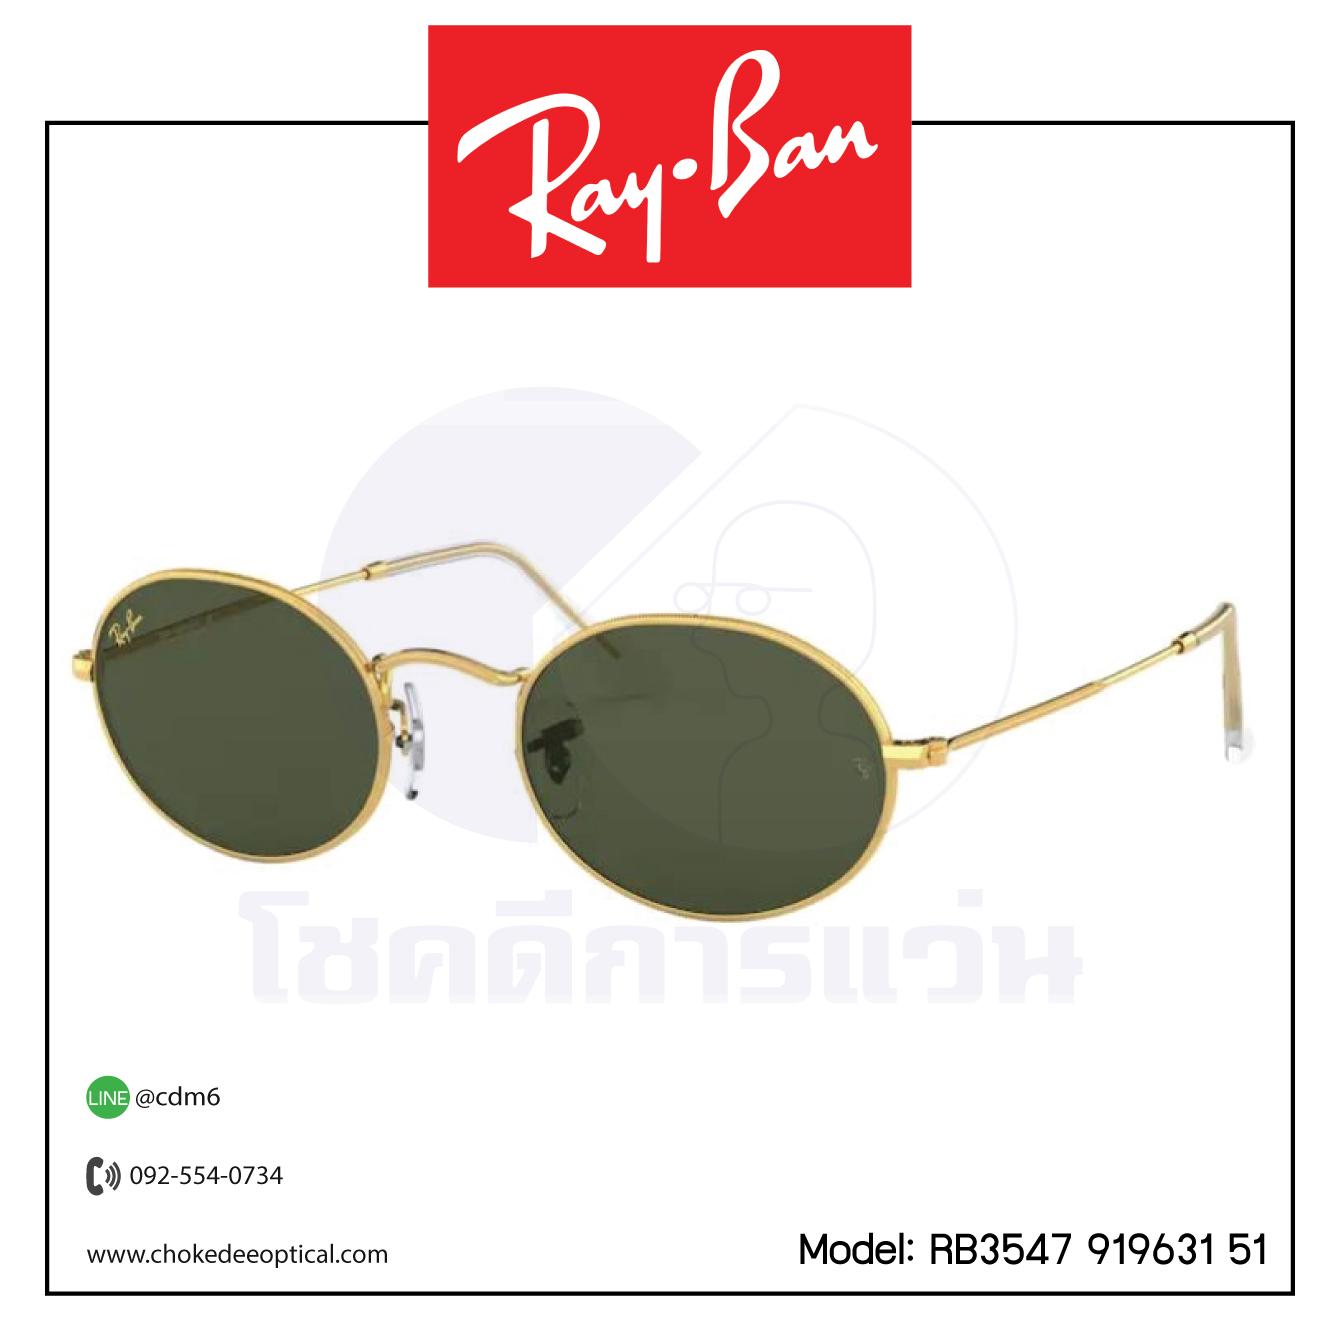 แว่นกันแดด Rayban RB3547 919631 51